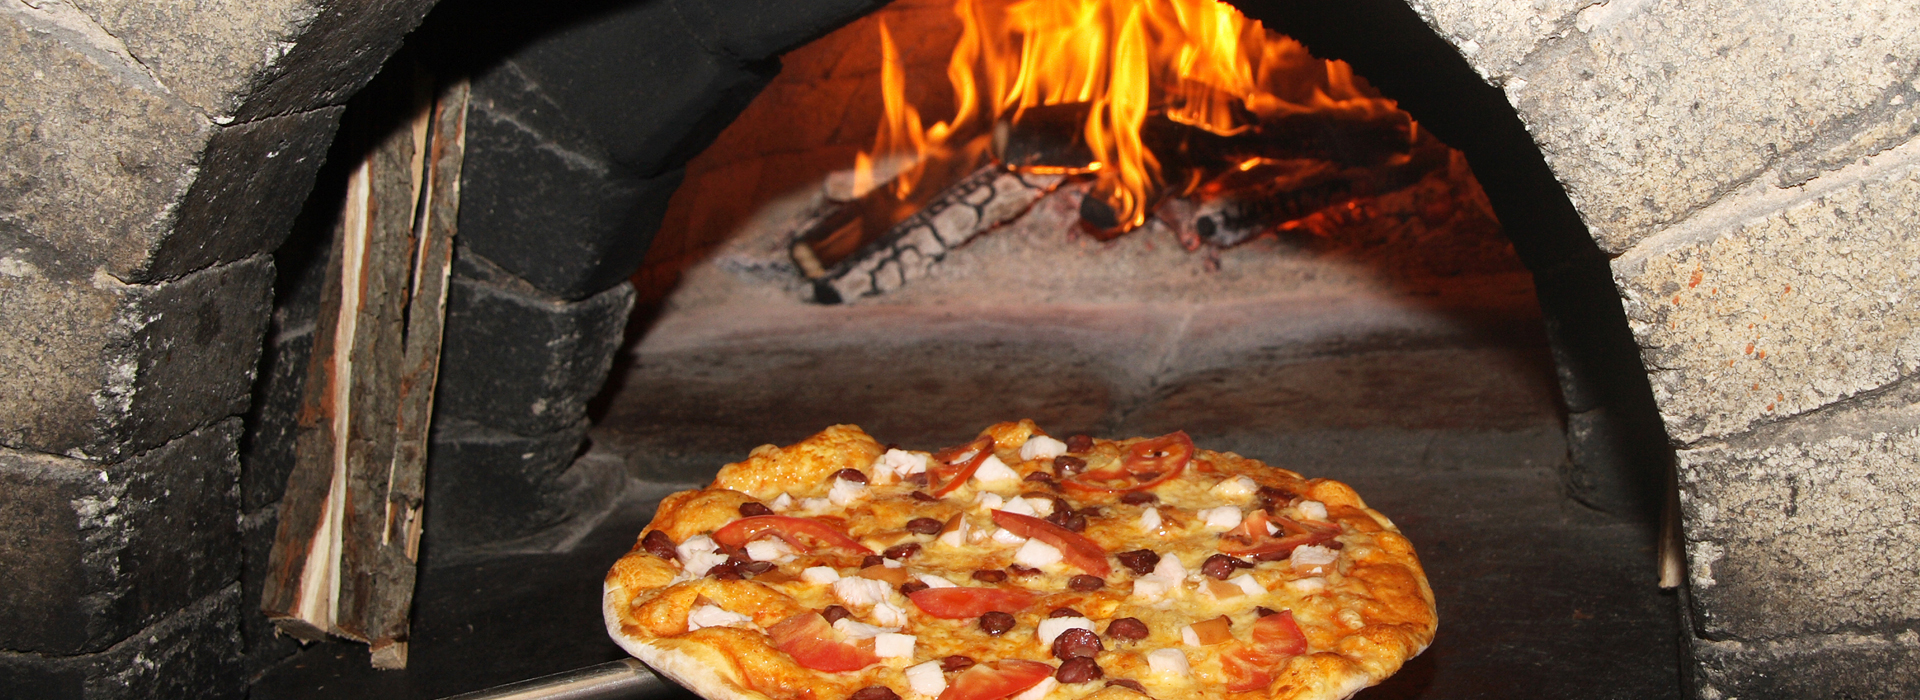 Pizzeria forno a legna Minturno Latina